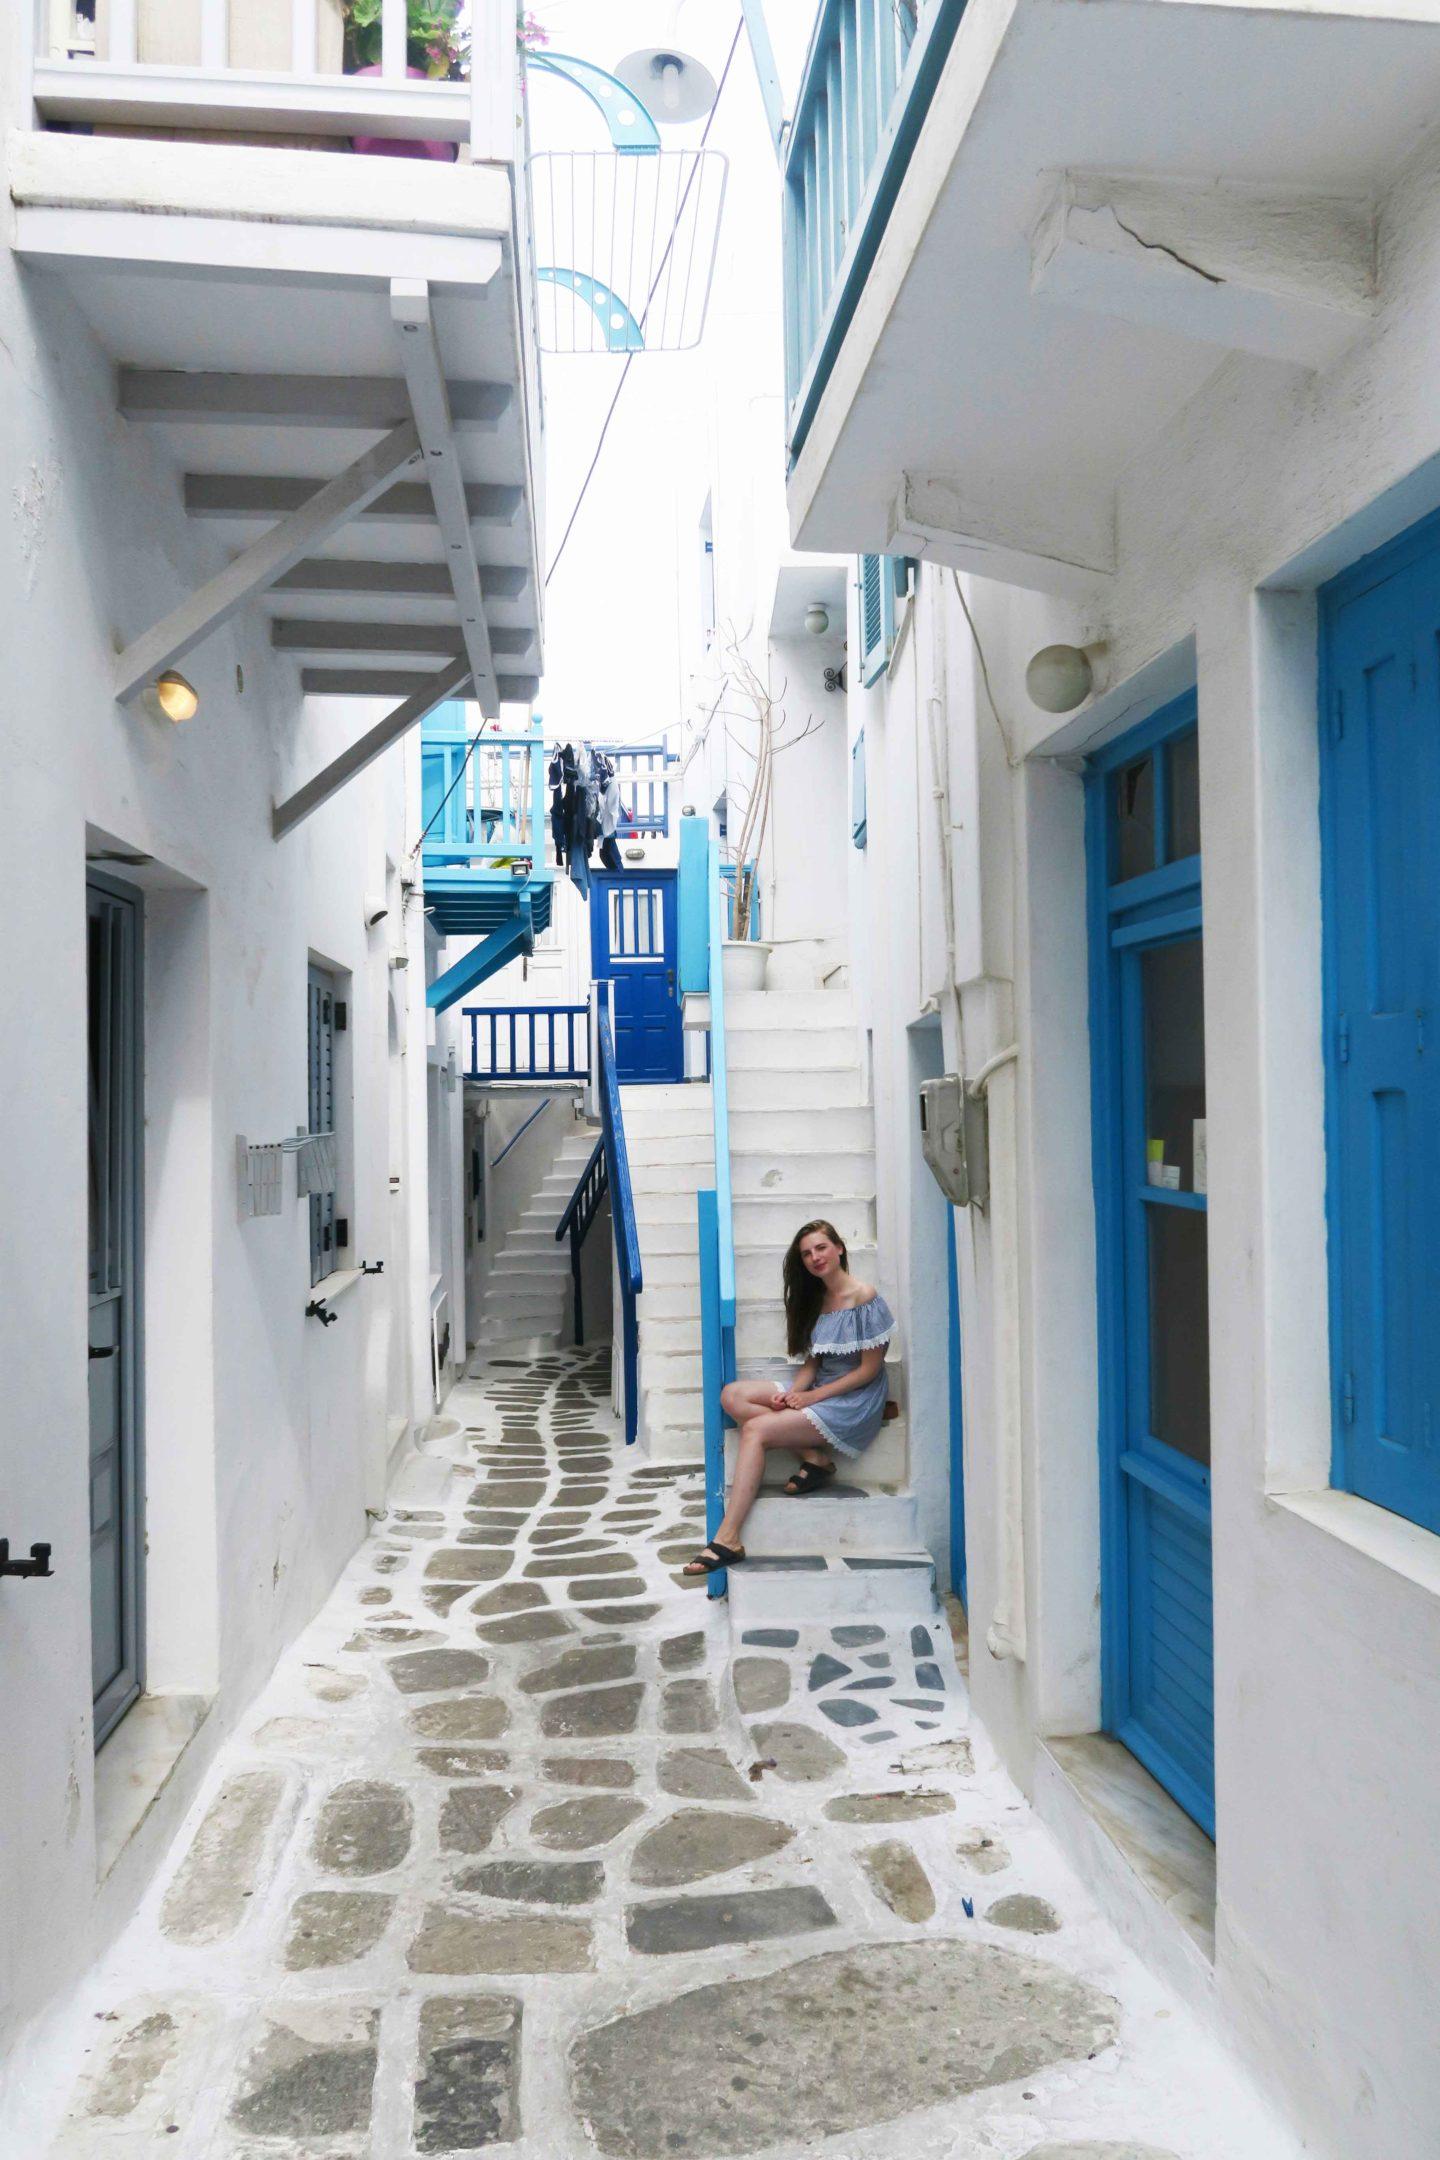 melissa carne sitting in white steps in mykonos town in greece